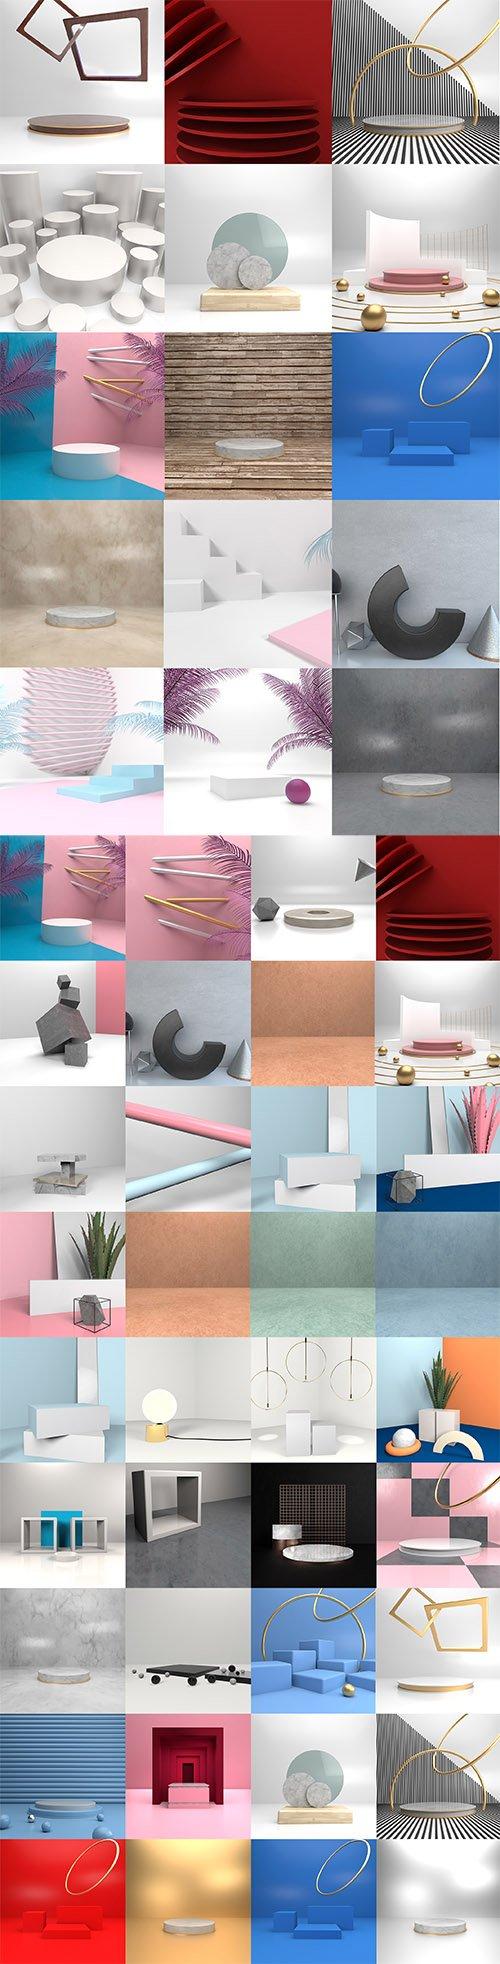 Product Showcase Background Bundle